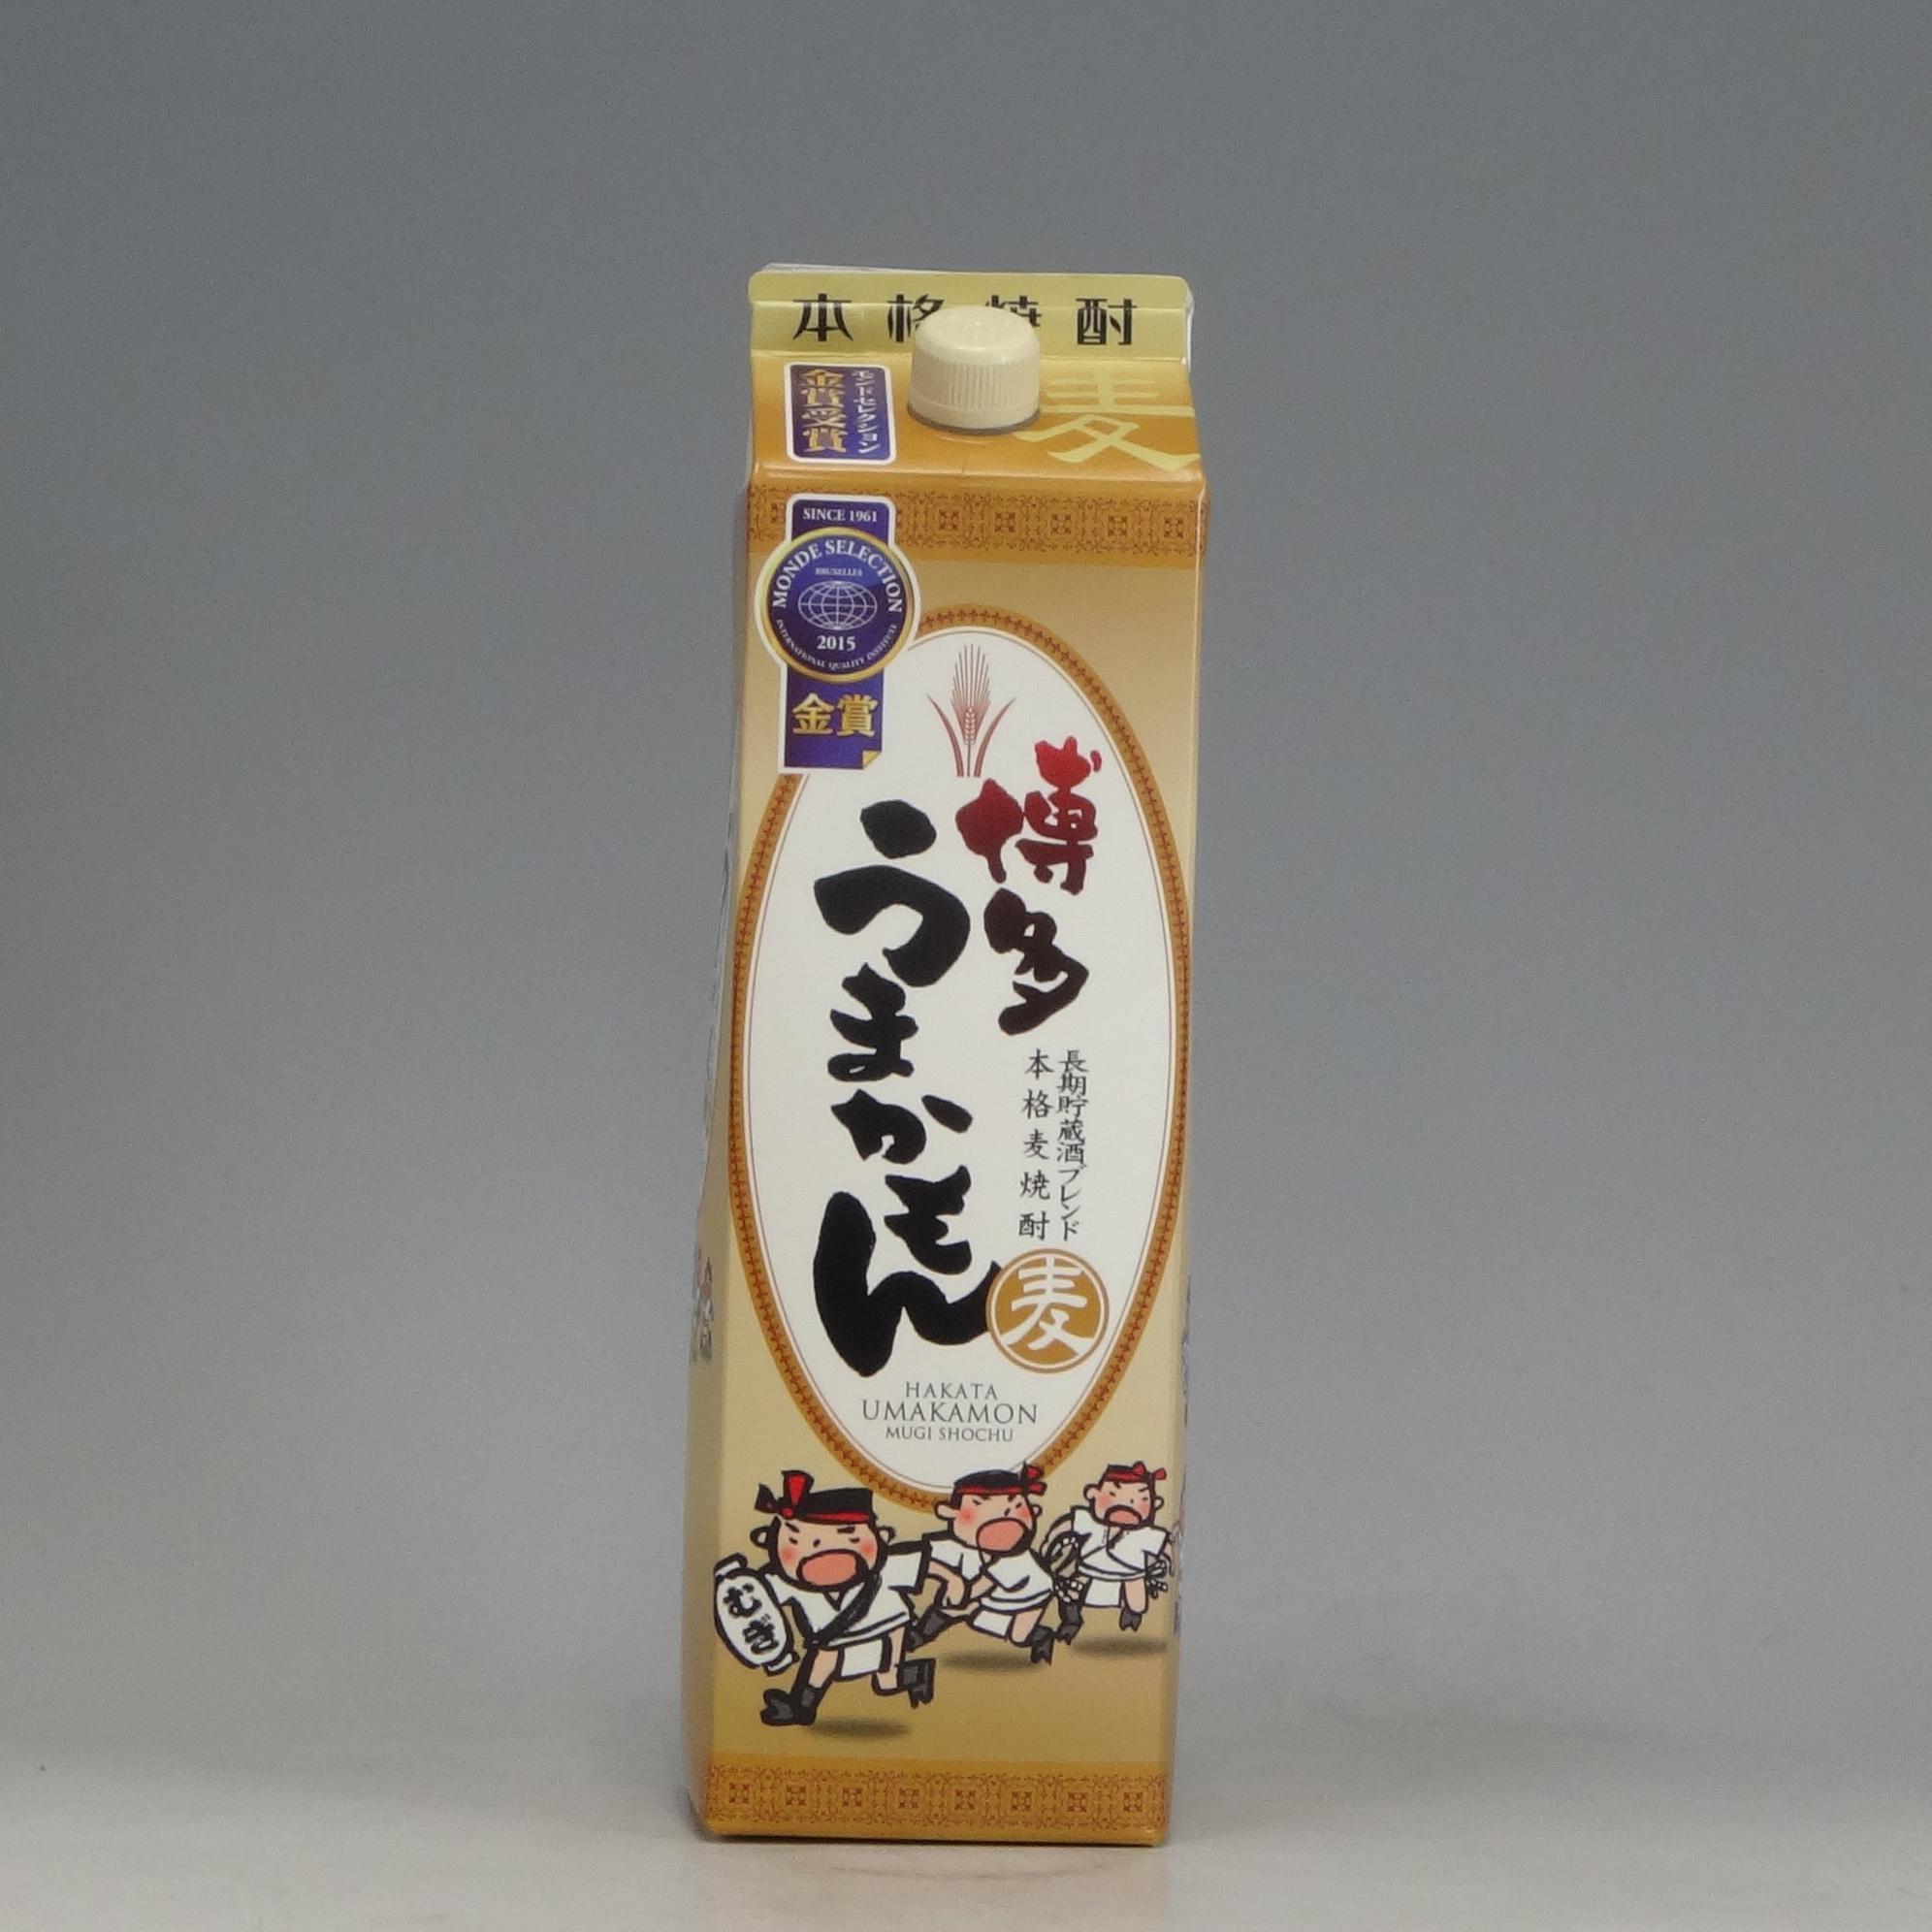 博多うまかもん 麦焼酎 25゚ 西吉田酒造1.8L  [76339]